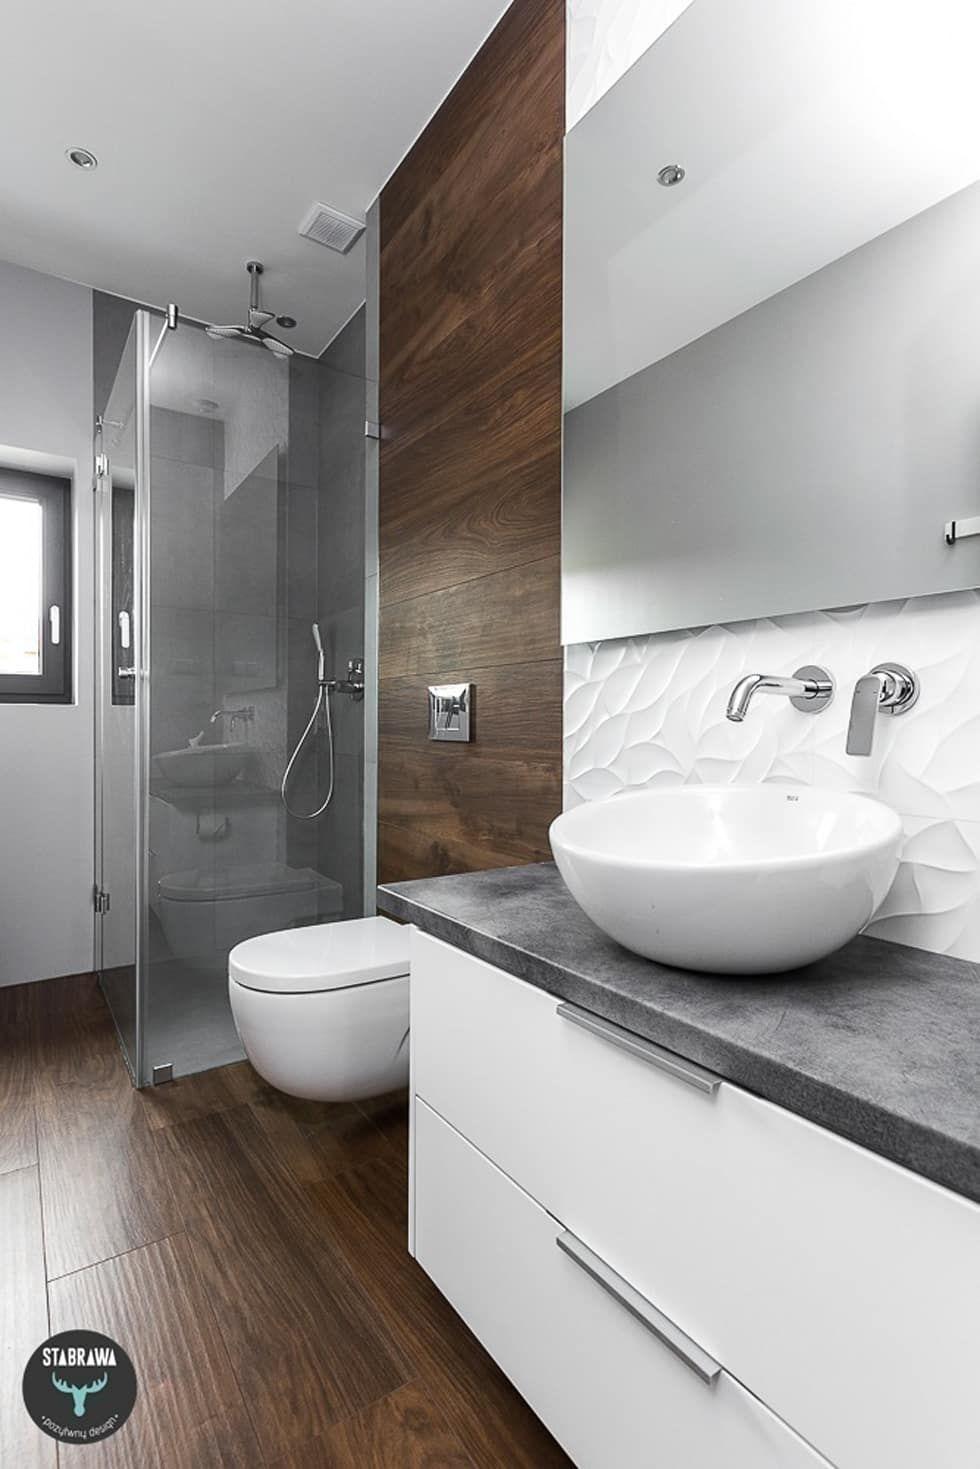 Skandinavische Badezimmer Bilder Von Stabrawa.pl | Badezimmer Skandinavische Badezimmer